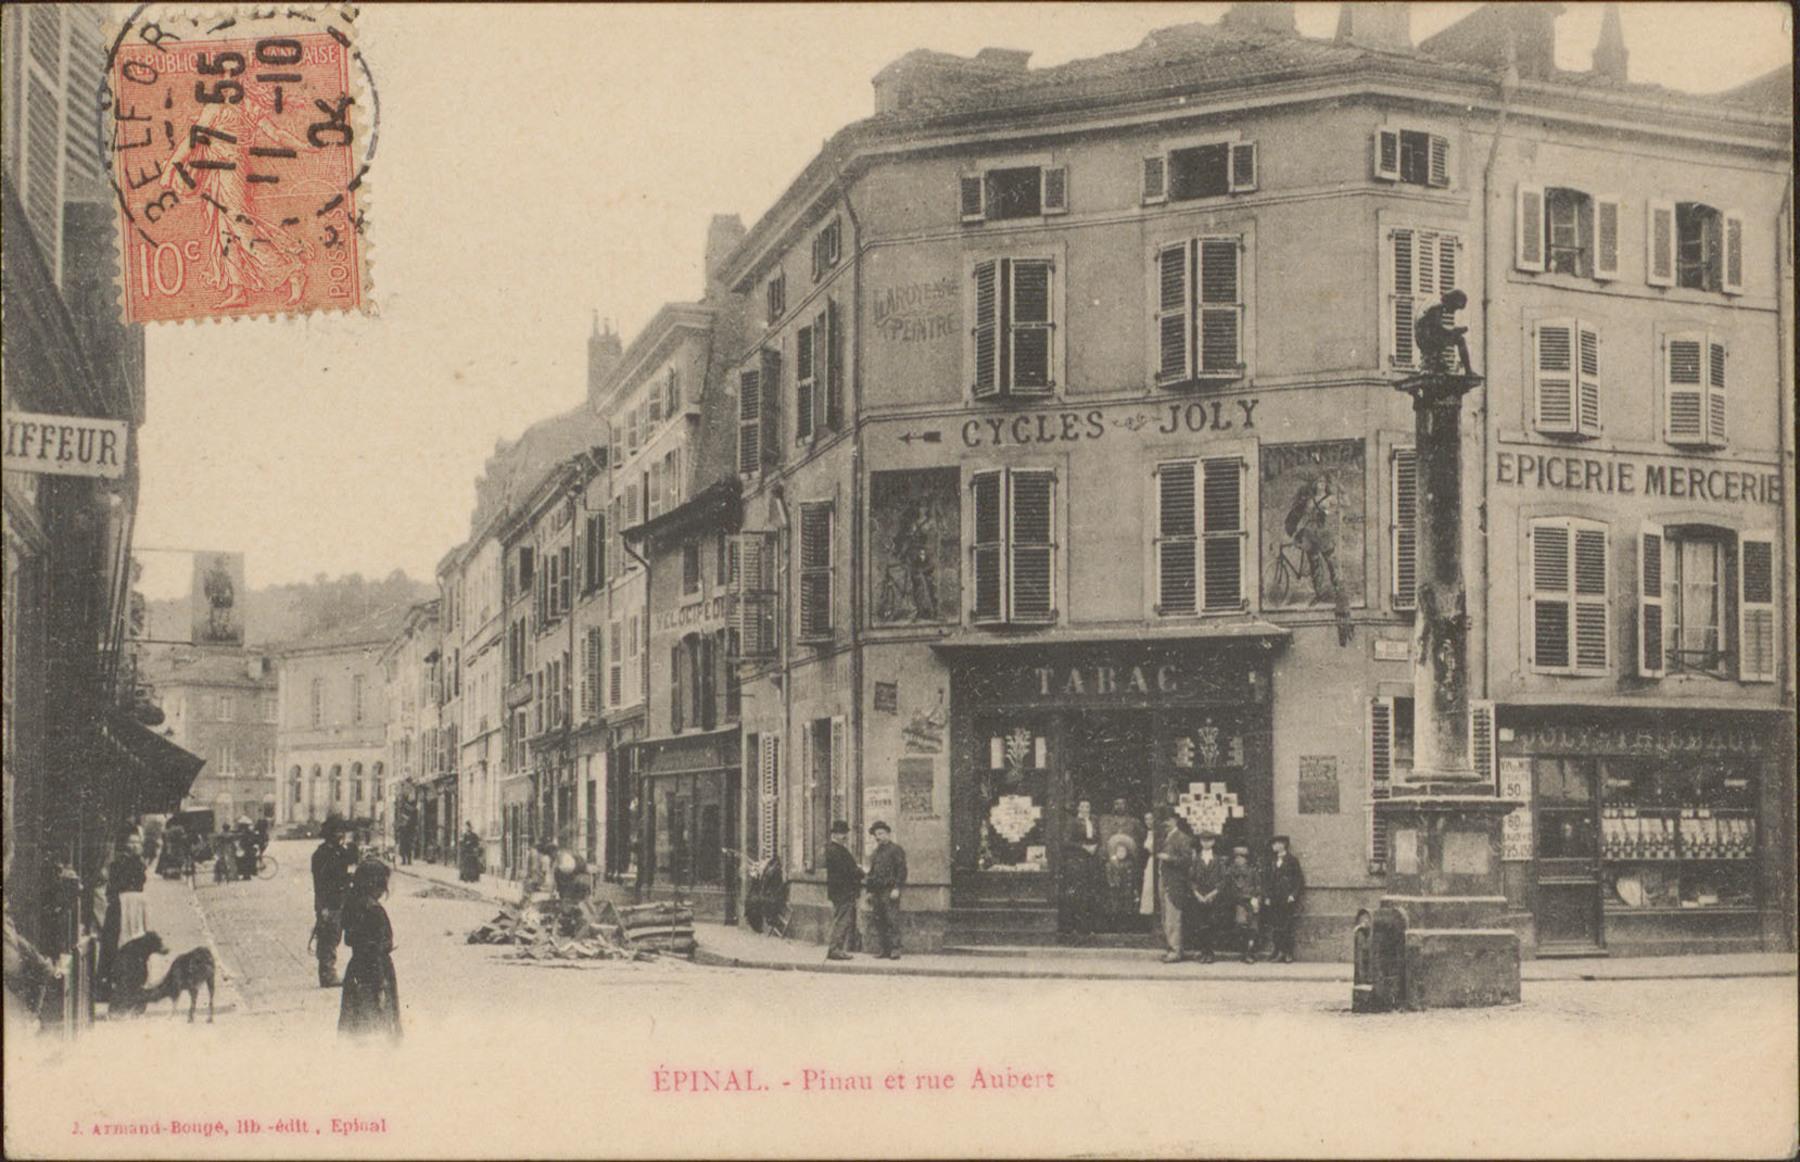 Contenu du Épinal, Pinau et rue Aubert